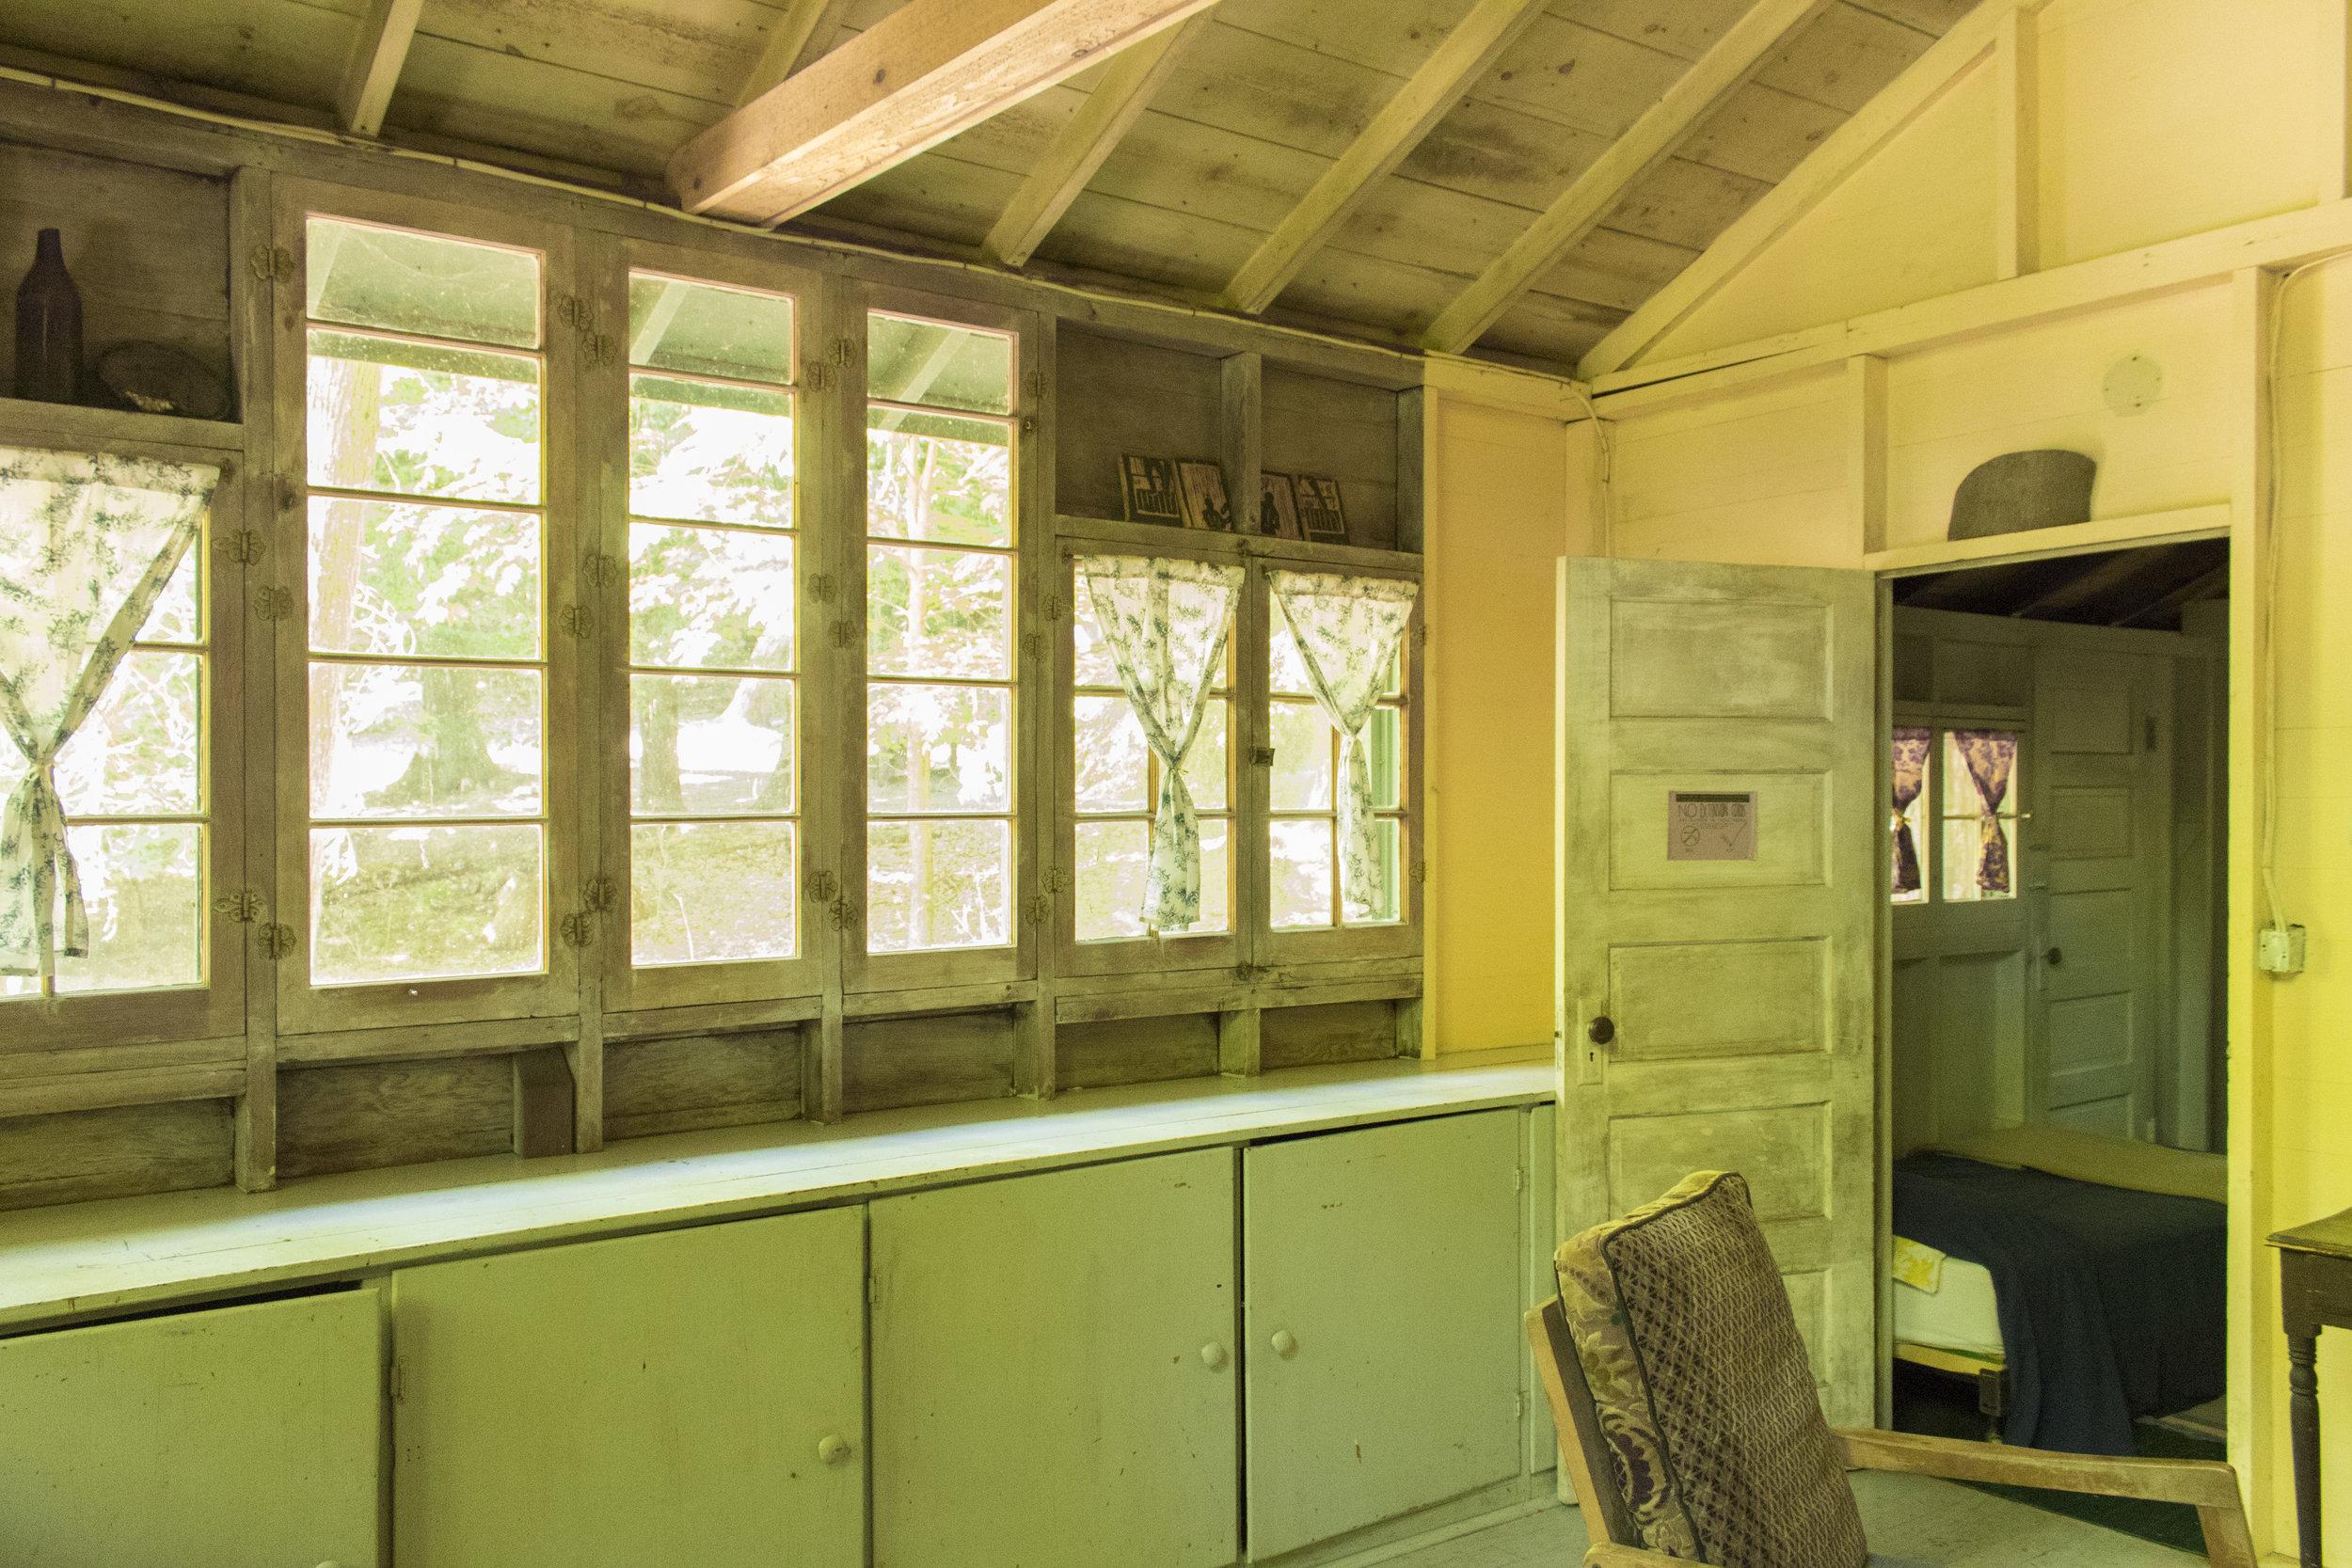 The Duncan Clark, Faculty Housing